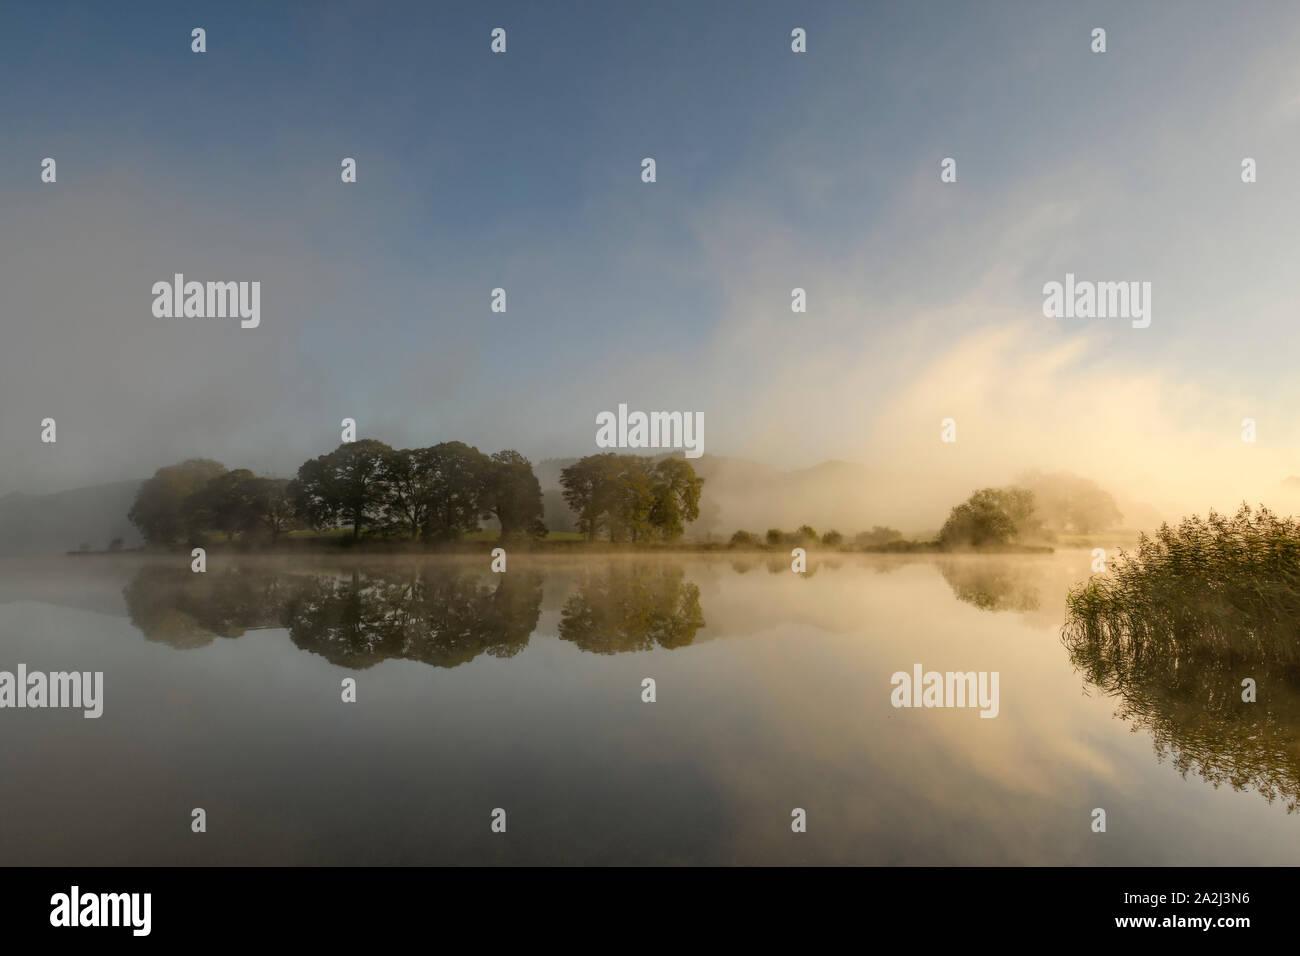 Alberi riflessa in acqua Esthwaite vicino Hawkshead come la luce del sole si rompe attraverso la mattina nebbia autunnale Foto Stock